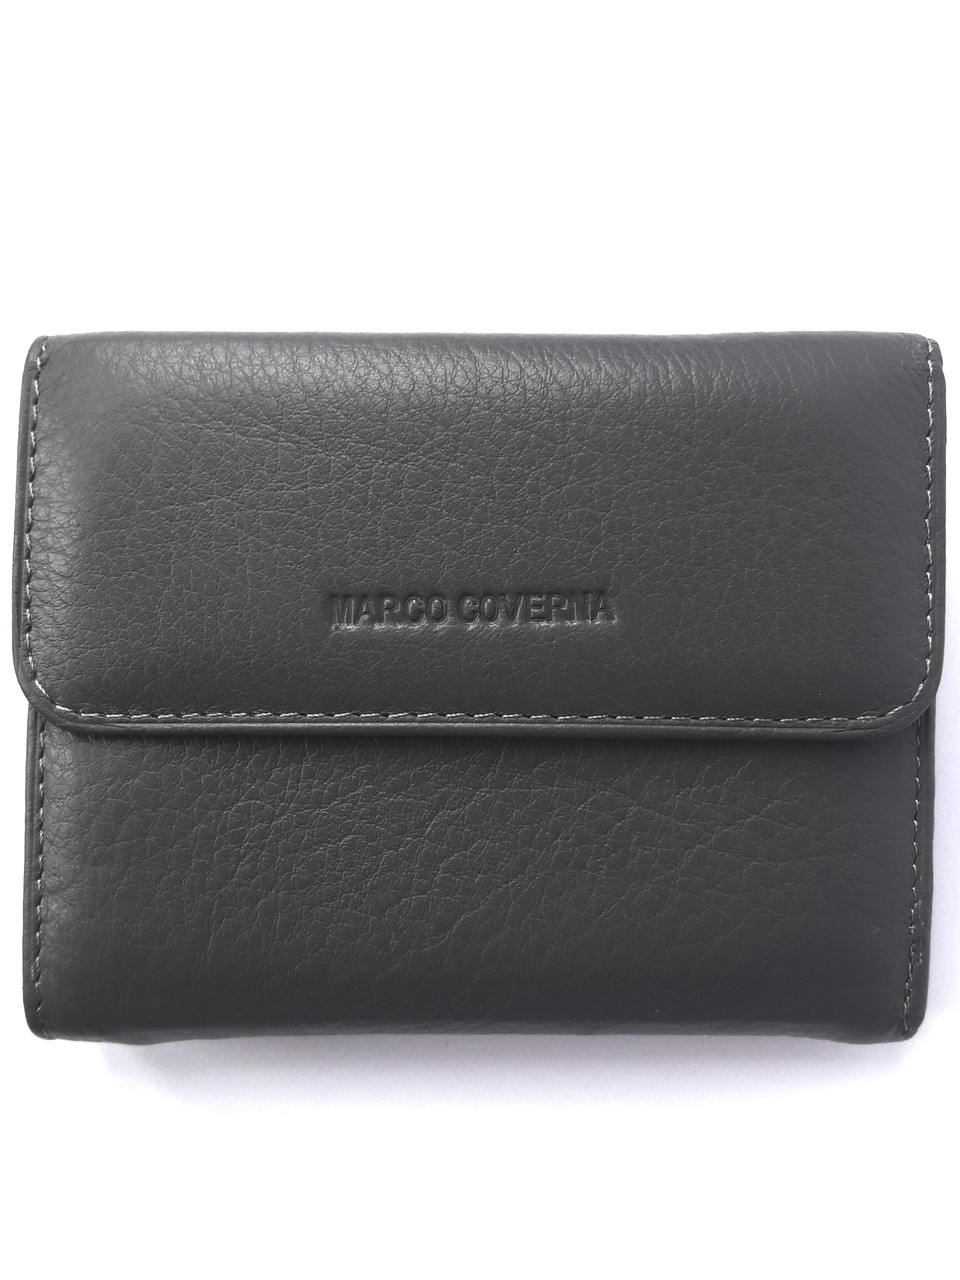 ebbf5e307a4e Женский кожаный кошелек